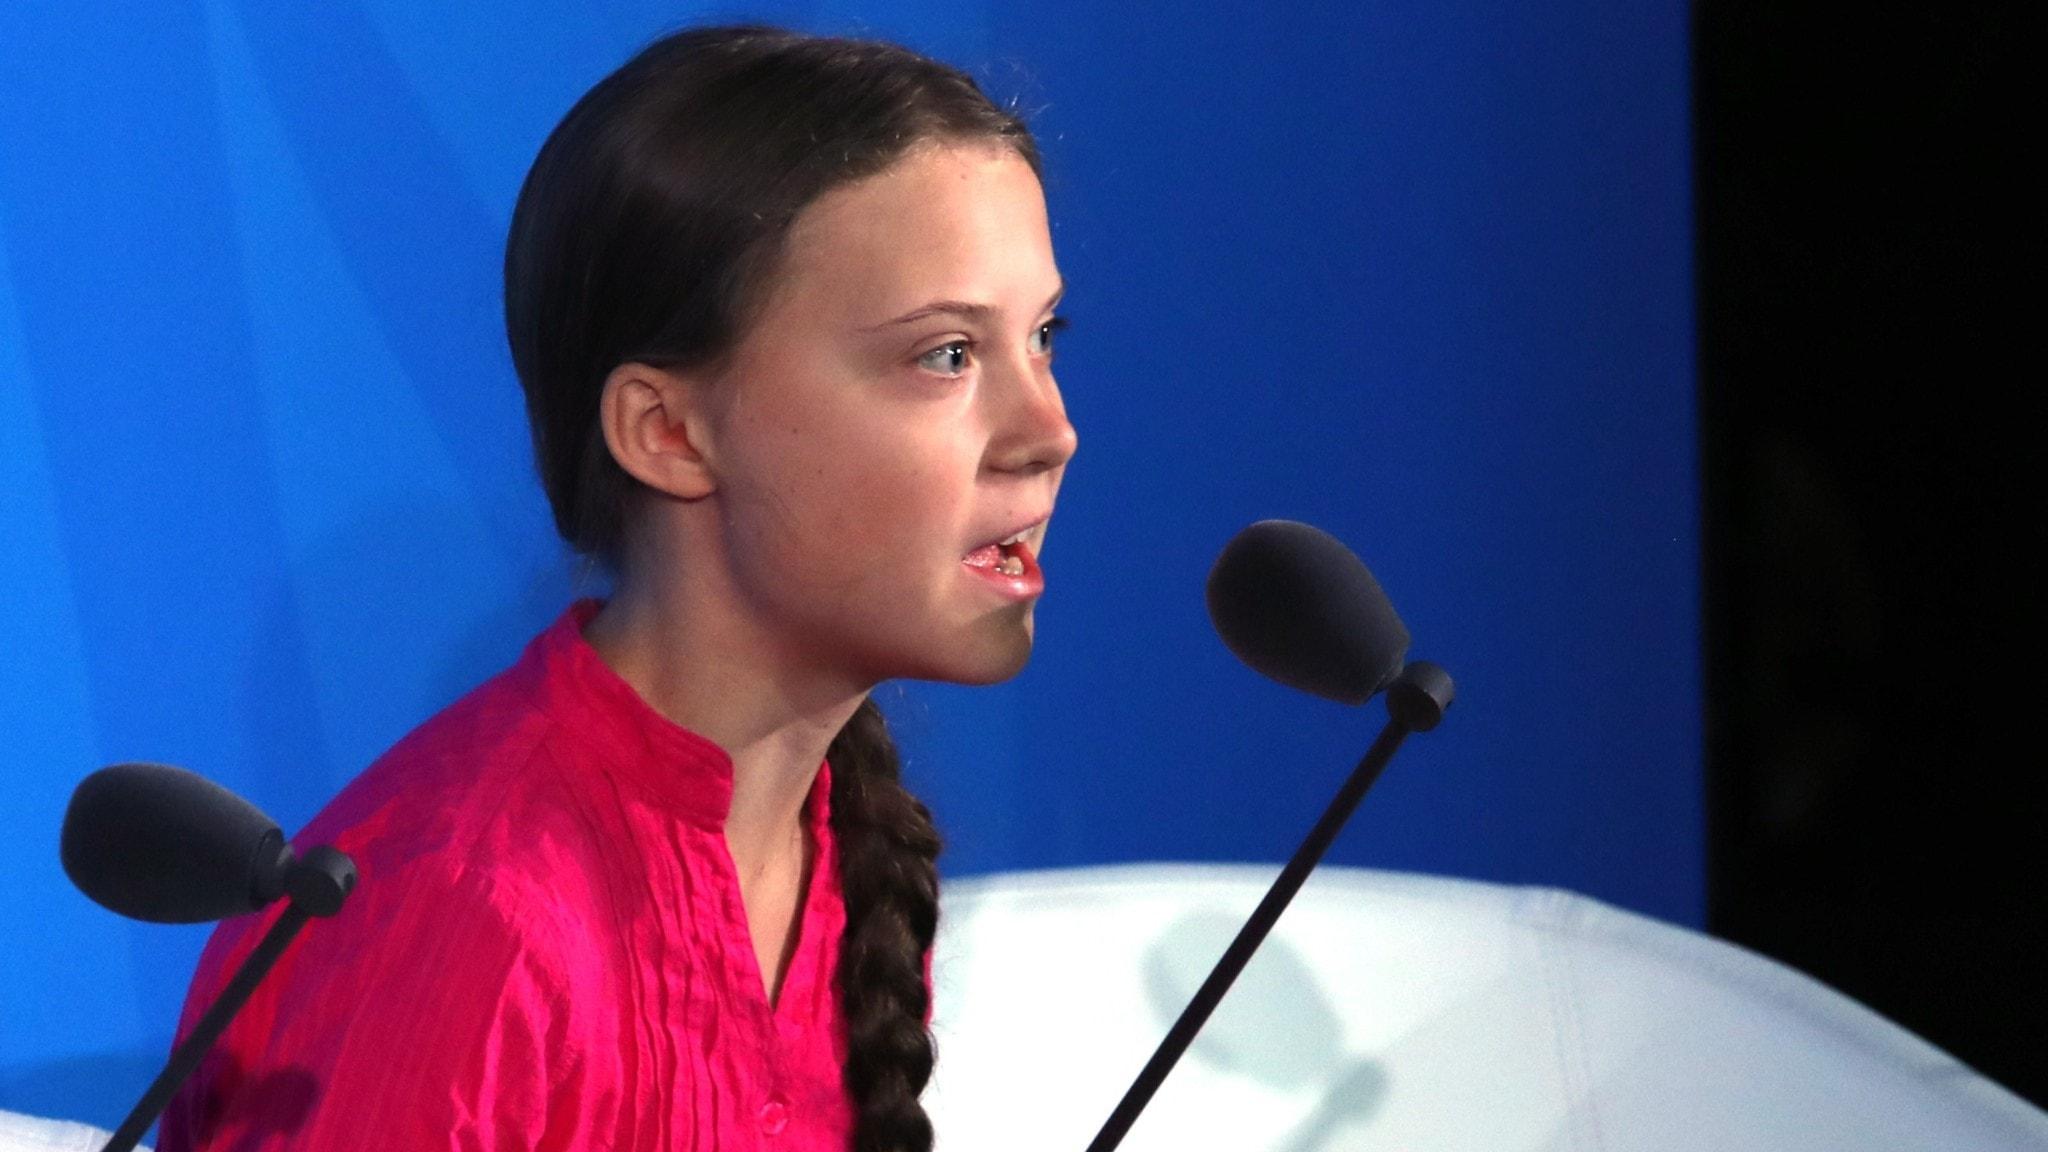 Greta Thunberg till världens ledare: